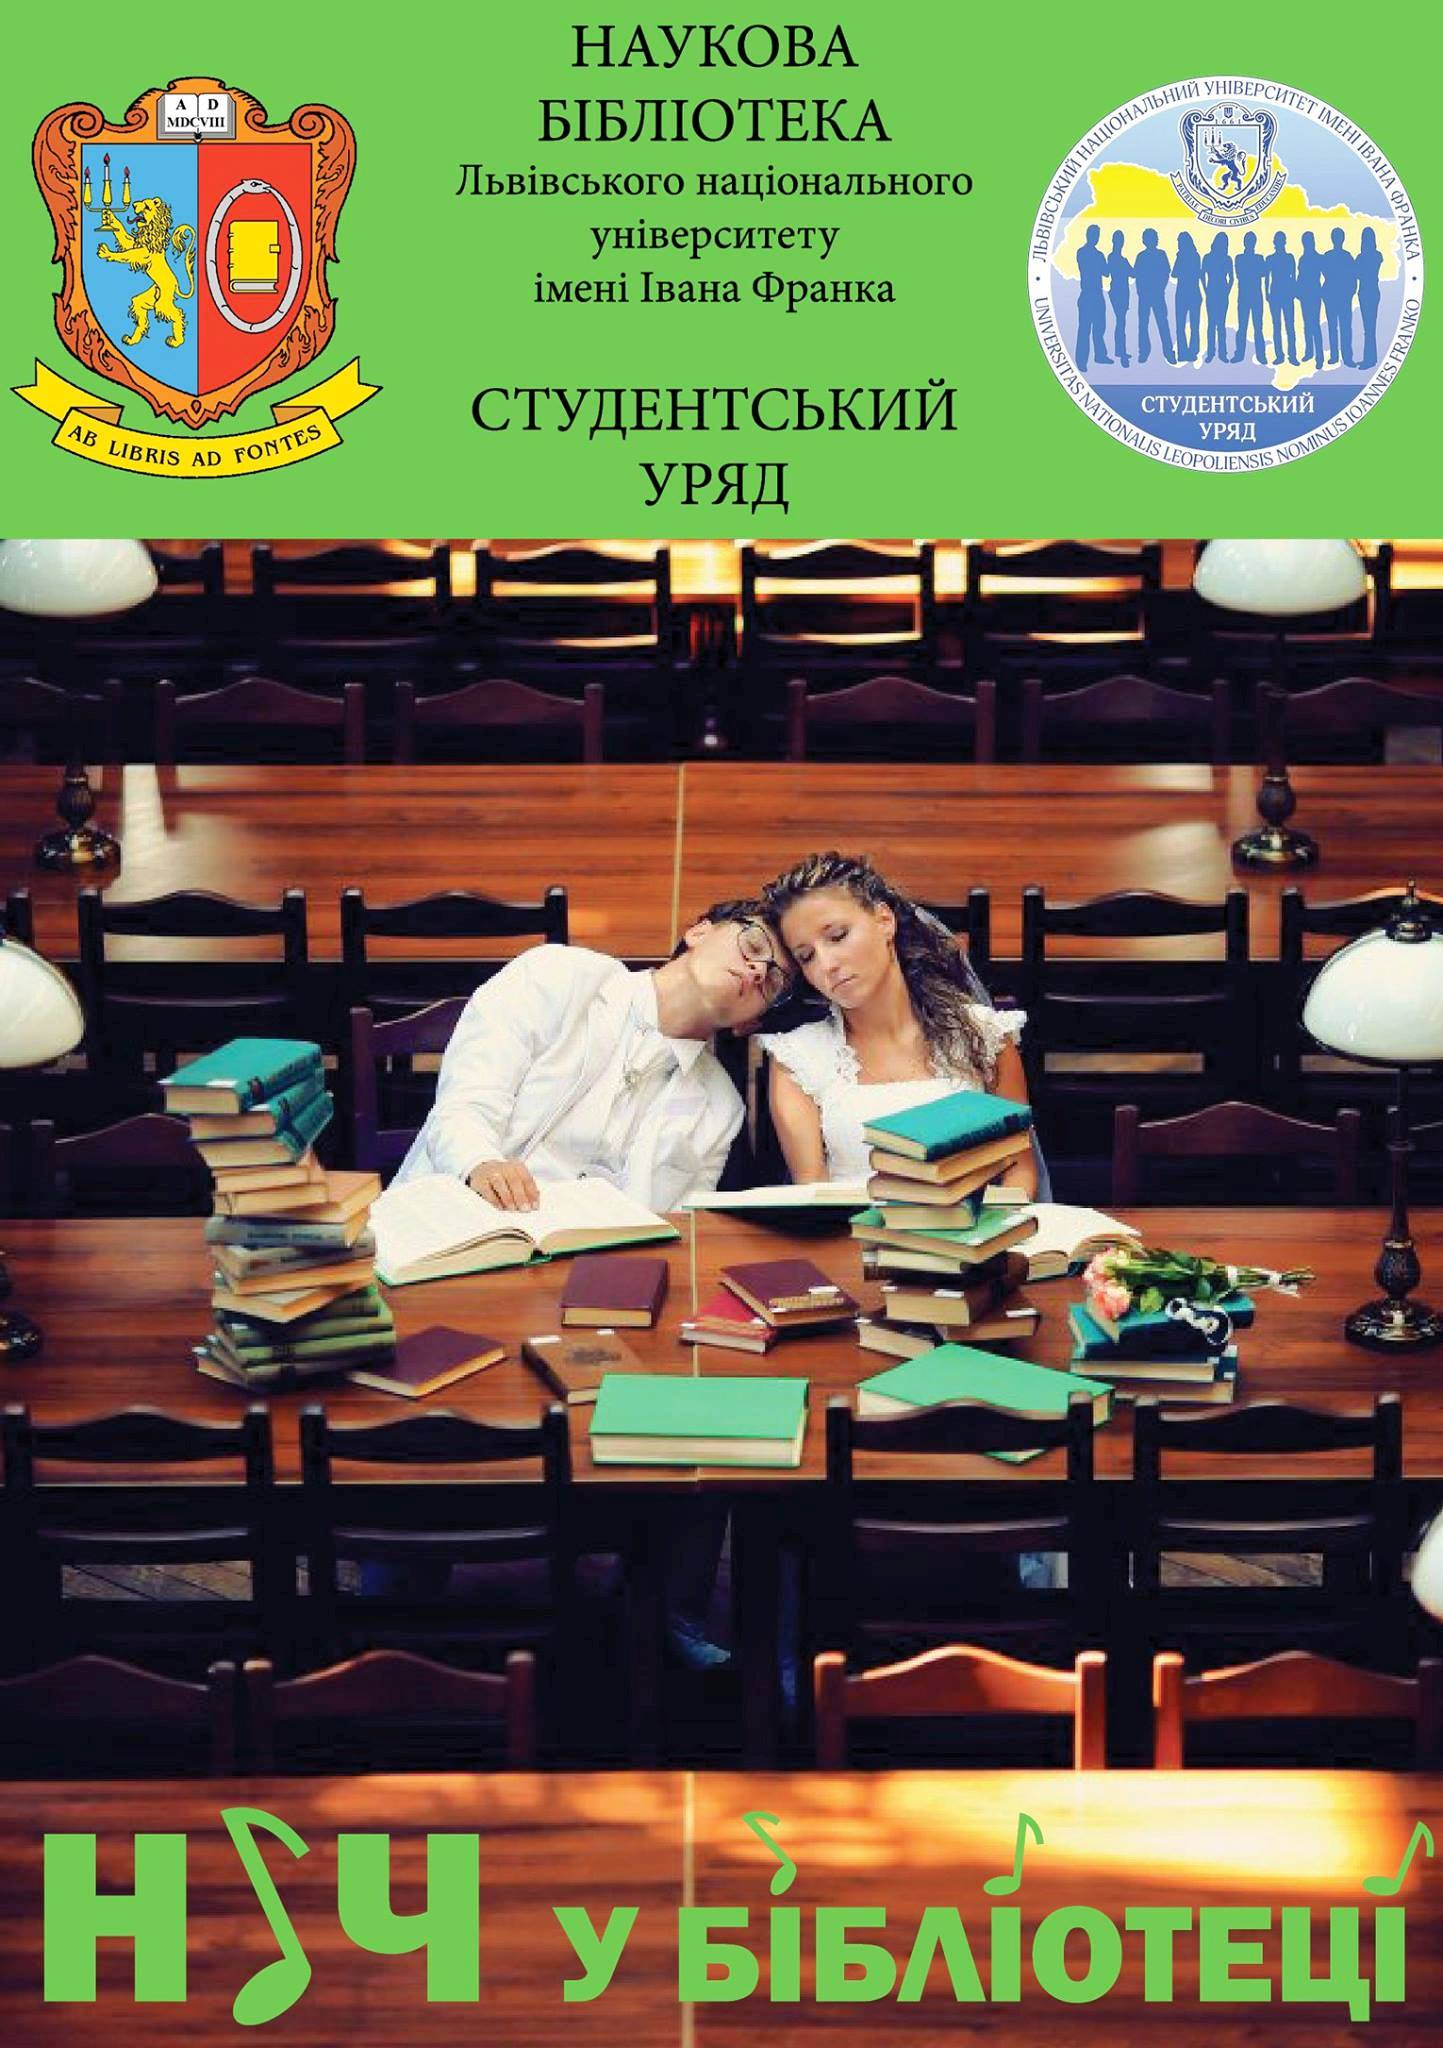 http://clio.lnu.edu.ua/wp-content/uploads/2016/09/%D0%BD%D1%96%D1%87-%D1%83-%D0%B1%D1%96%D0%B1%D0%BB%D1%96%D0%BE%D1%82%D0%B5%D1%86%D1%96.jpg